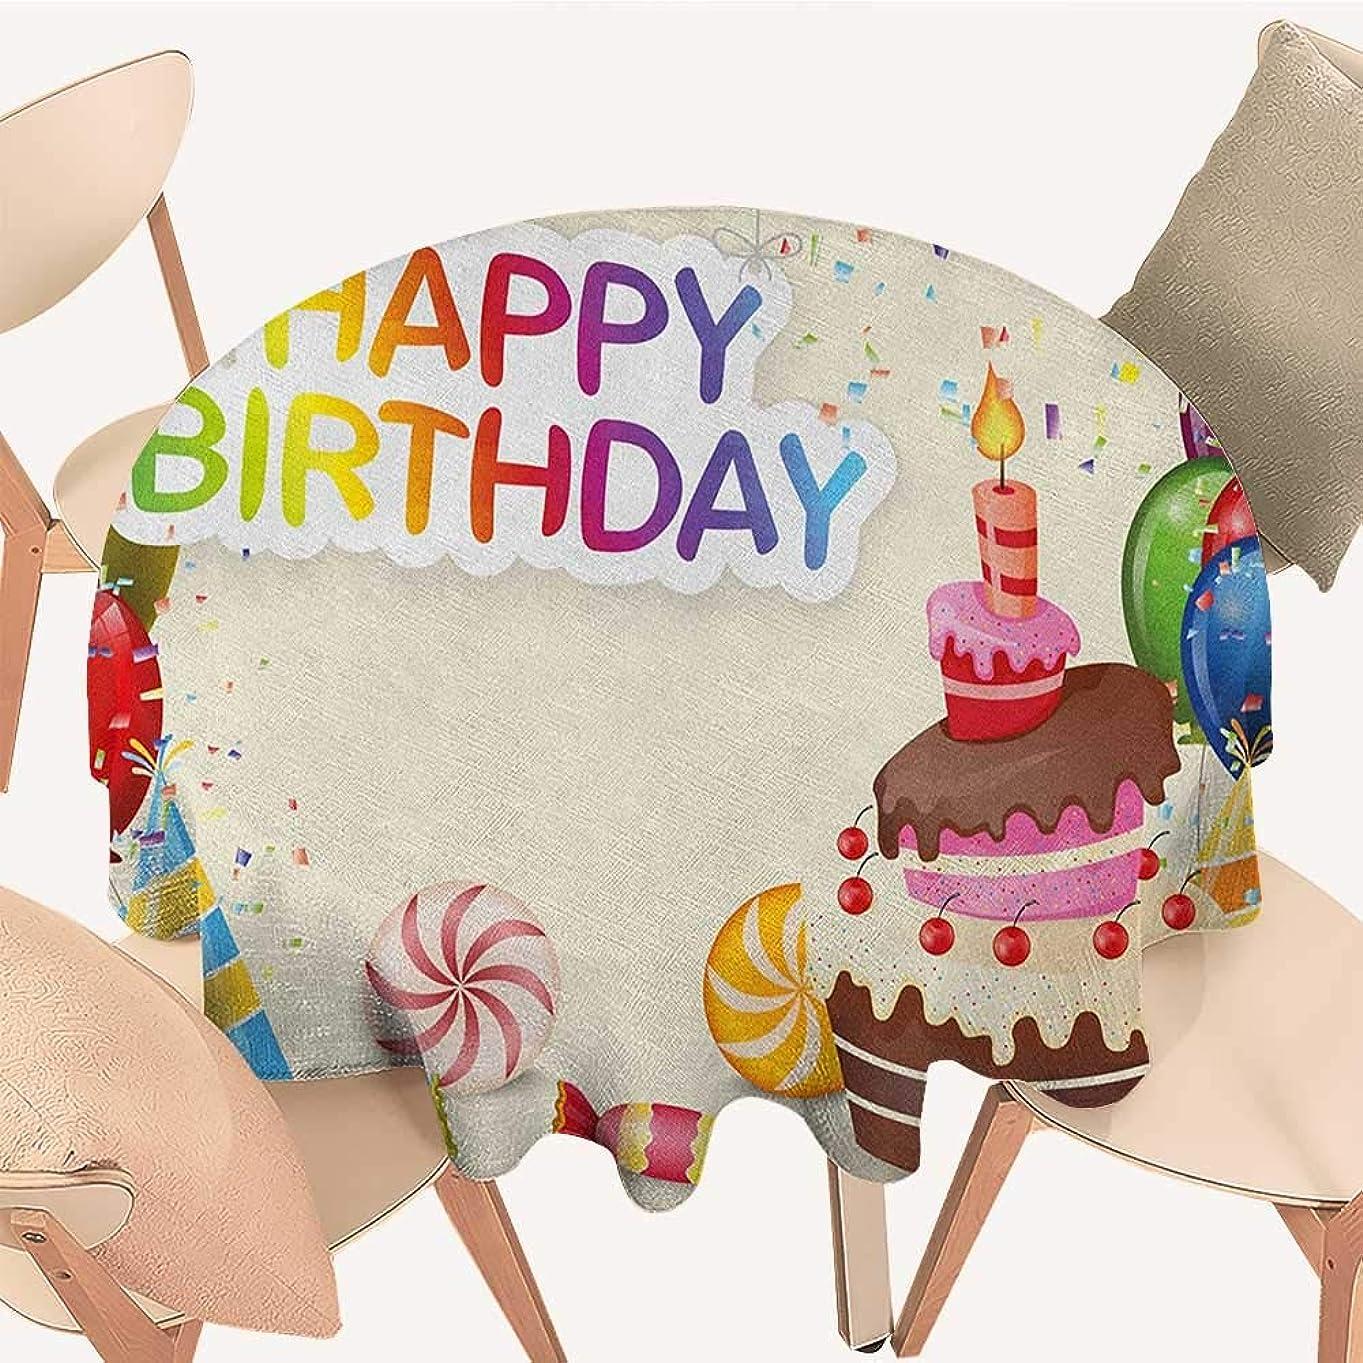 効率的るlongbuyer 誕生日 ダイニングテーブルトップ 装飾 陽気なサプライズパーティー 子供 スイーツ 誕生日 パイの花 ラベンダー ペールブルー イエロー D 70